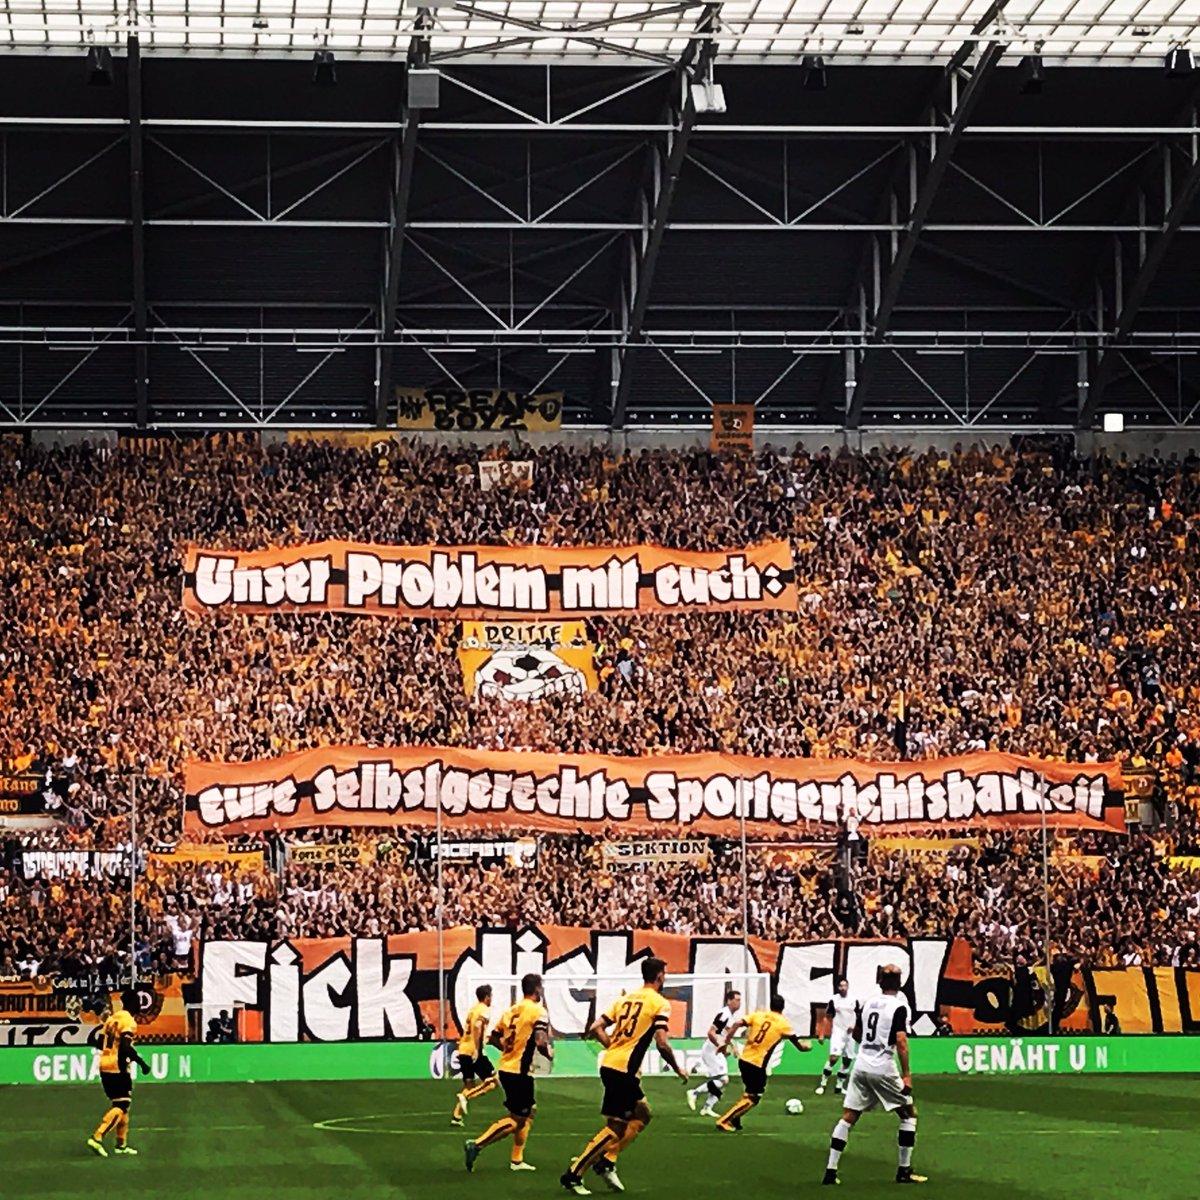 Dynamo Dresden Bron: Twitter/@K_BLOCK_DYNAMO